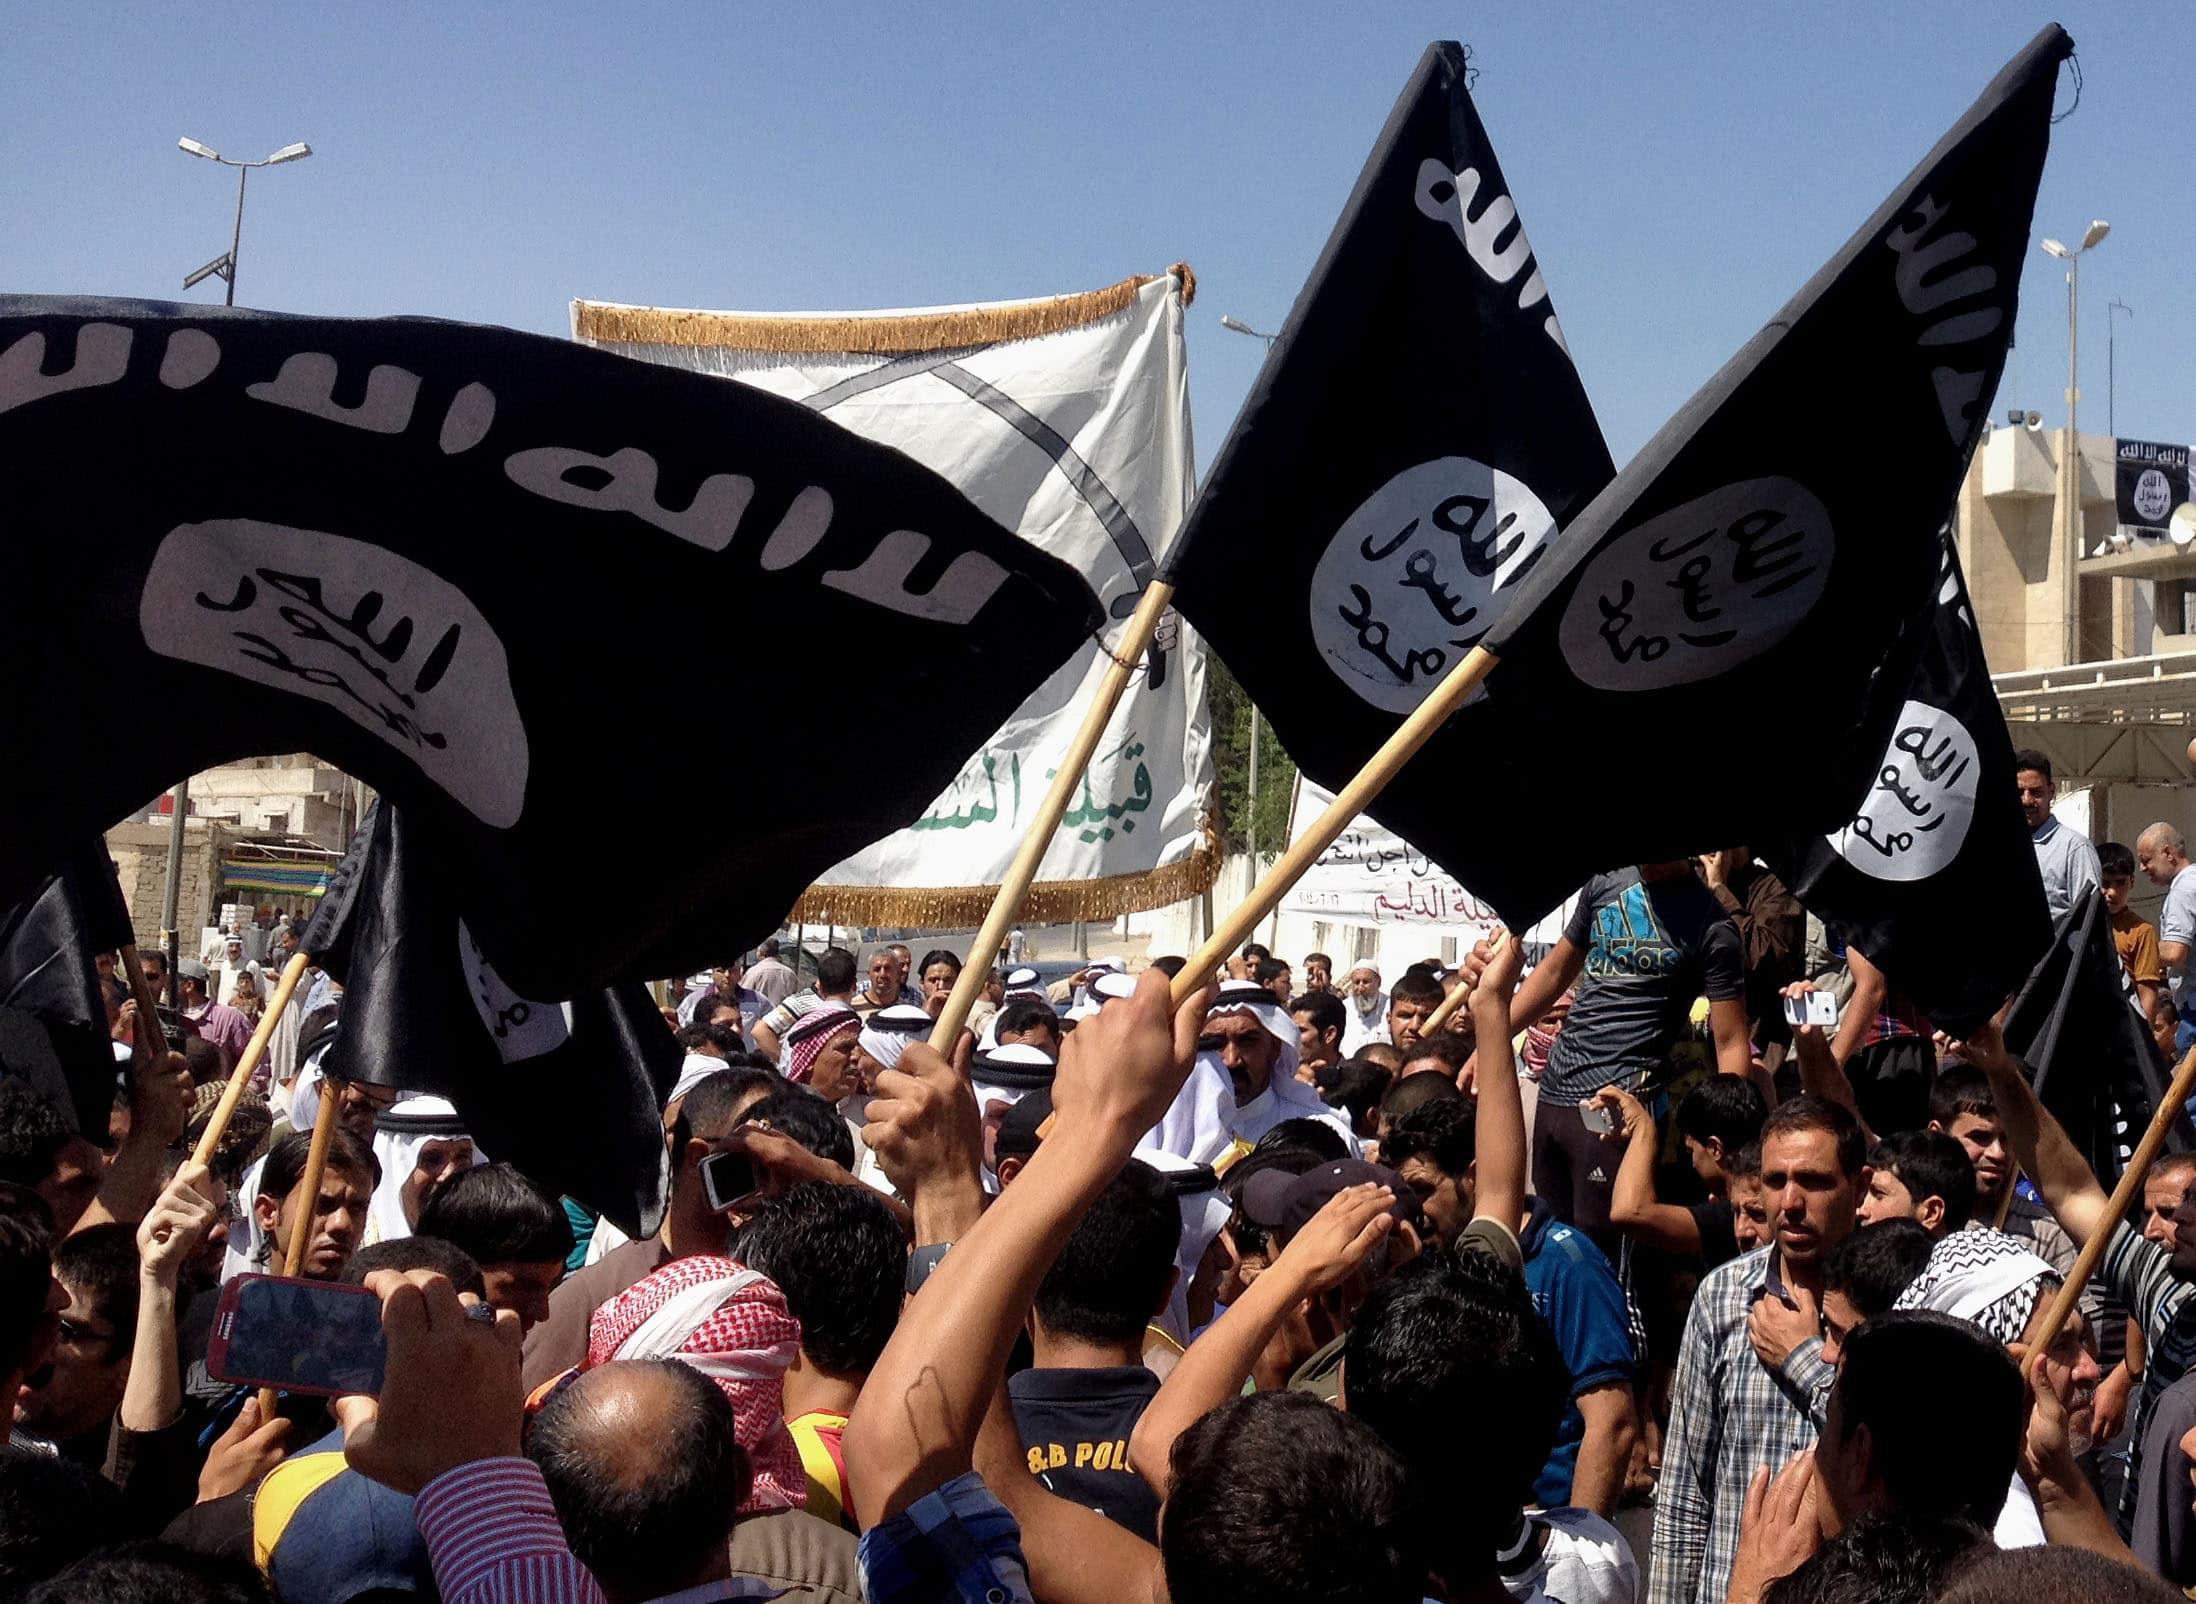 """מפגינים למען דאע""""ש במוסול, עם כניסת הכוחות לעיר, ב-16 ביוני 2014 (צילום: AP Photo)"""